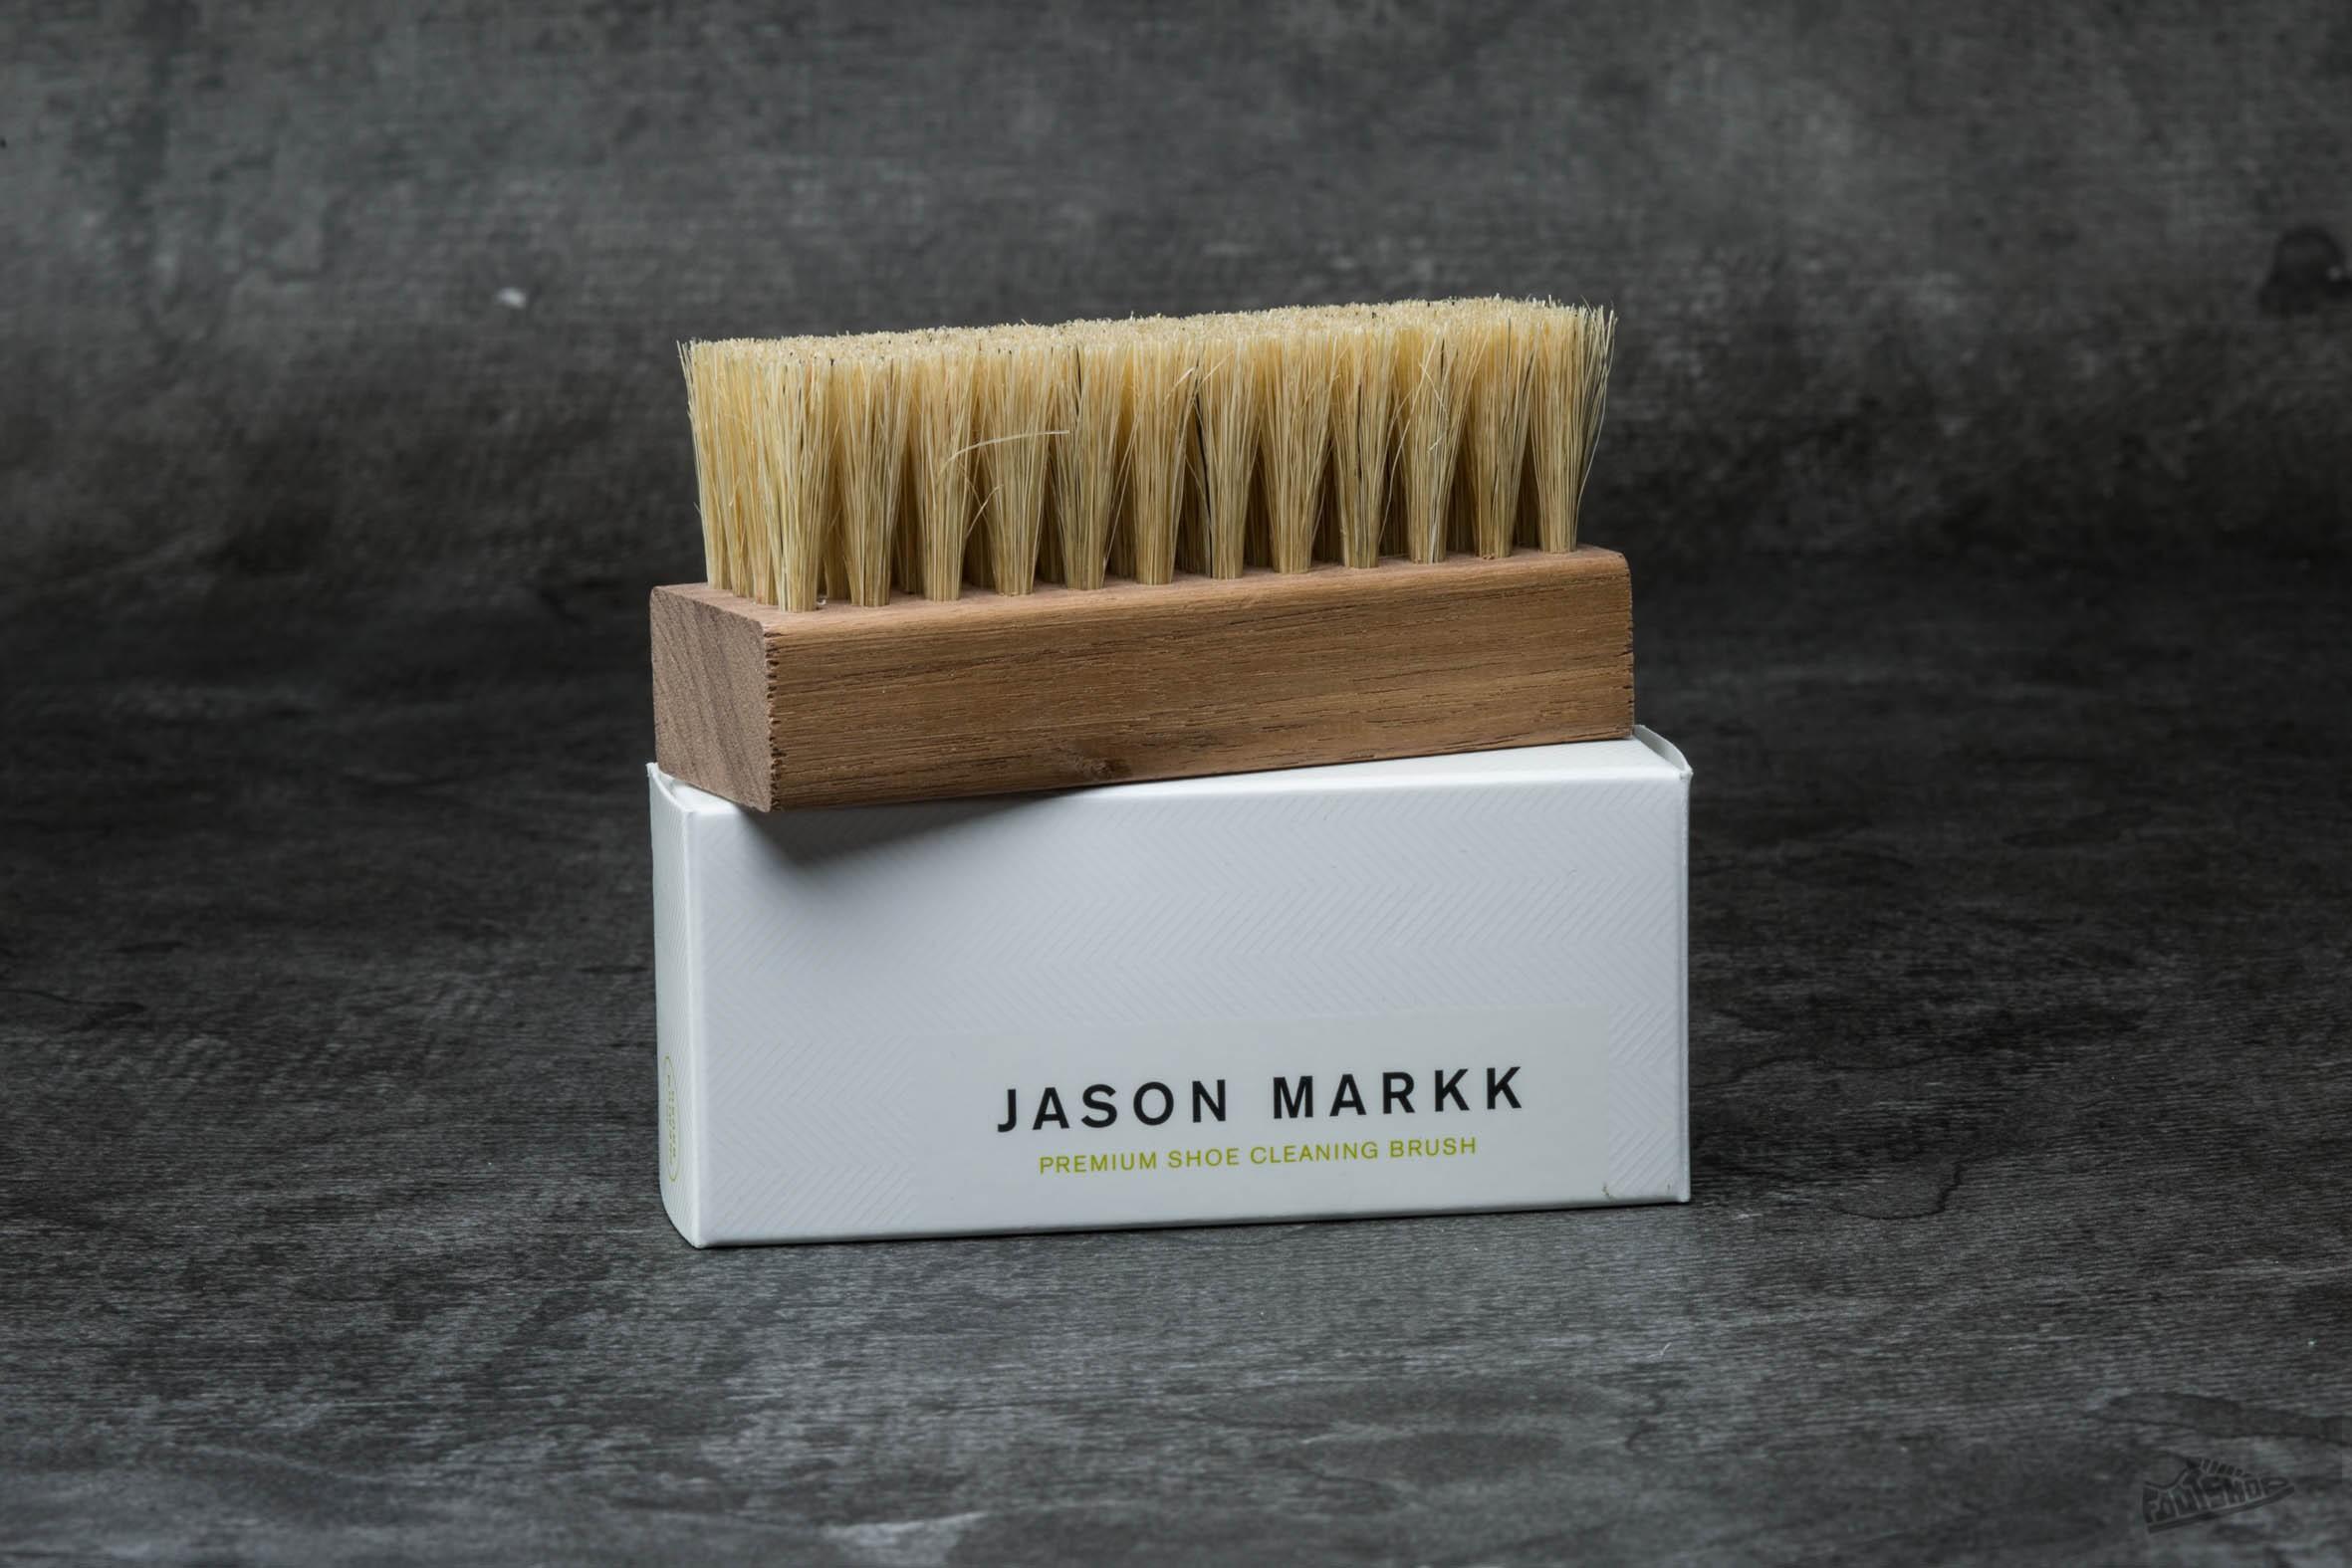 Jason Markk Premium Shoe Cleaning Brush za skvělou cenu 350 Kč koupíte na Footshop.cz